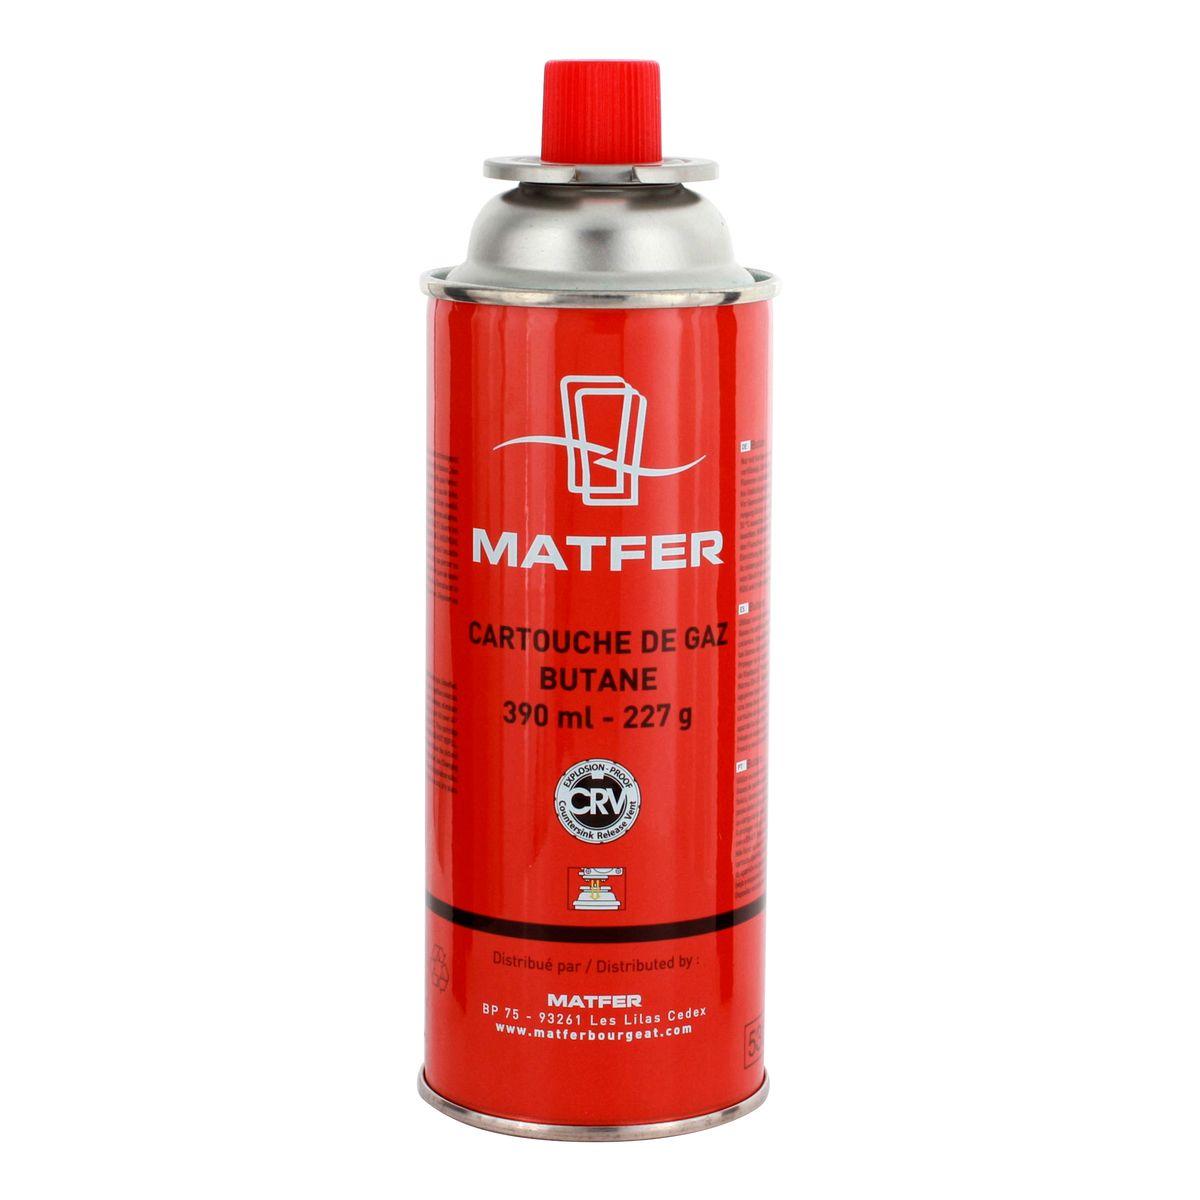 Cartouche de gaz pour chalumeau pro 390 ml - Matfer